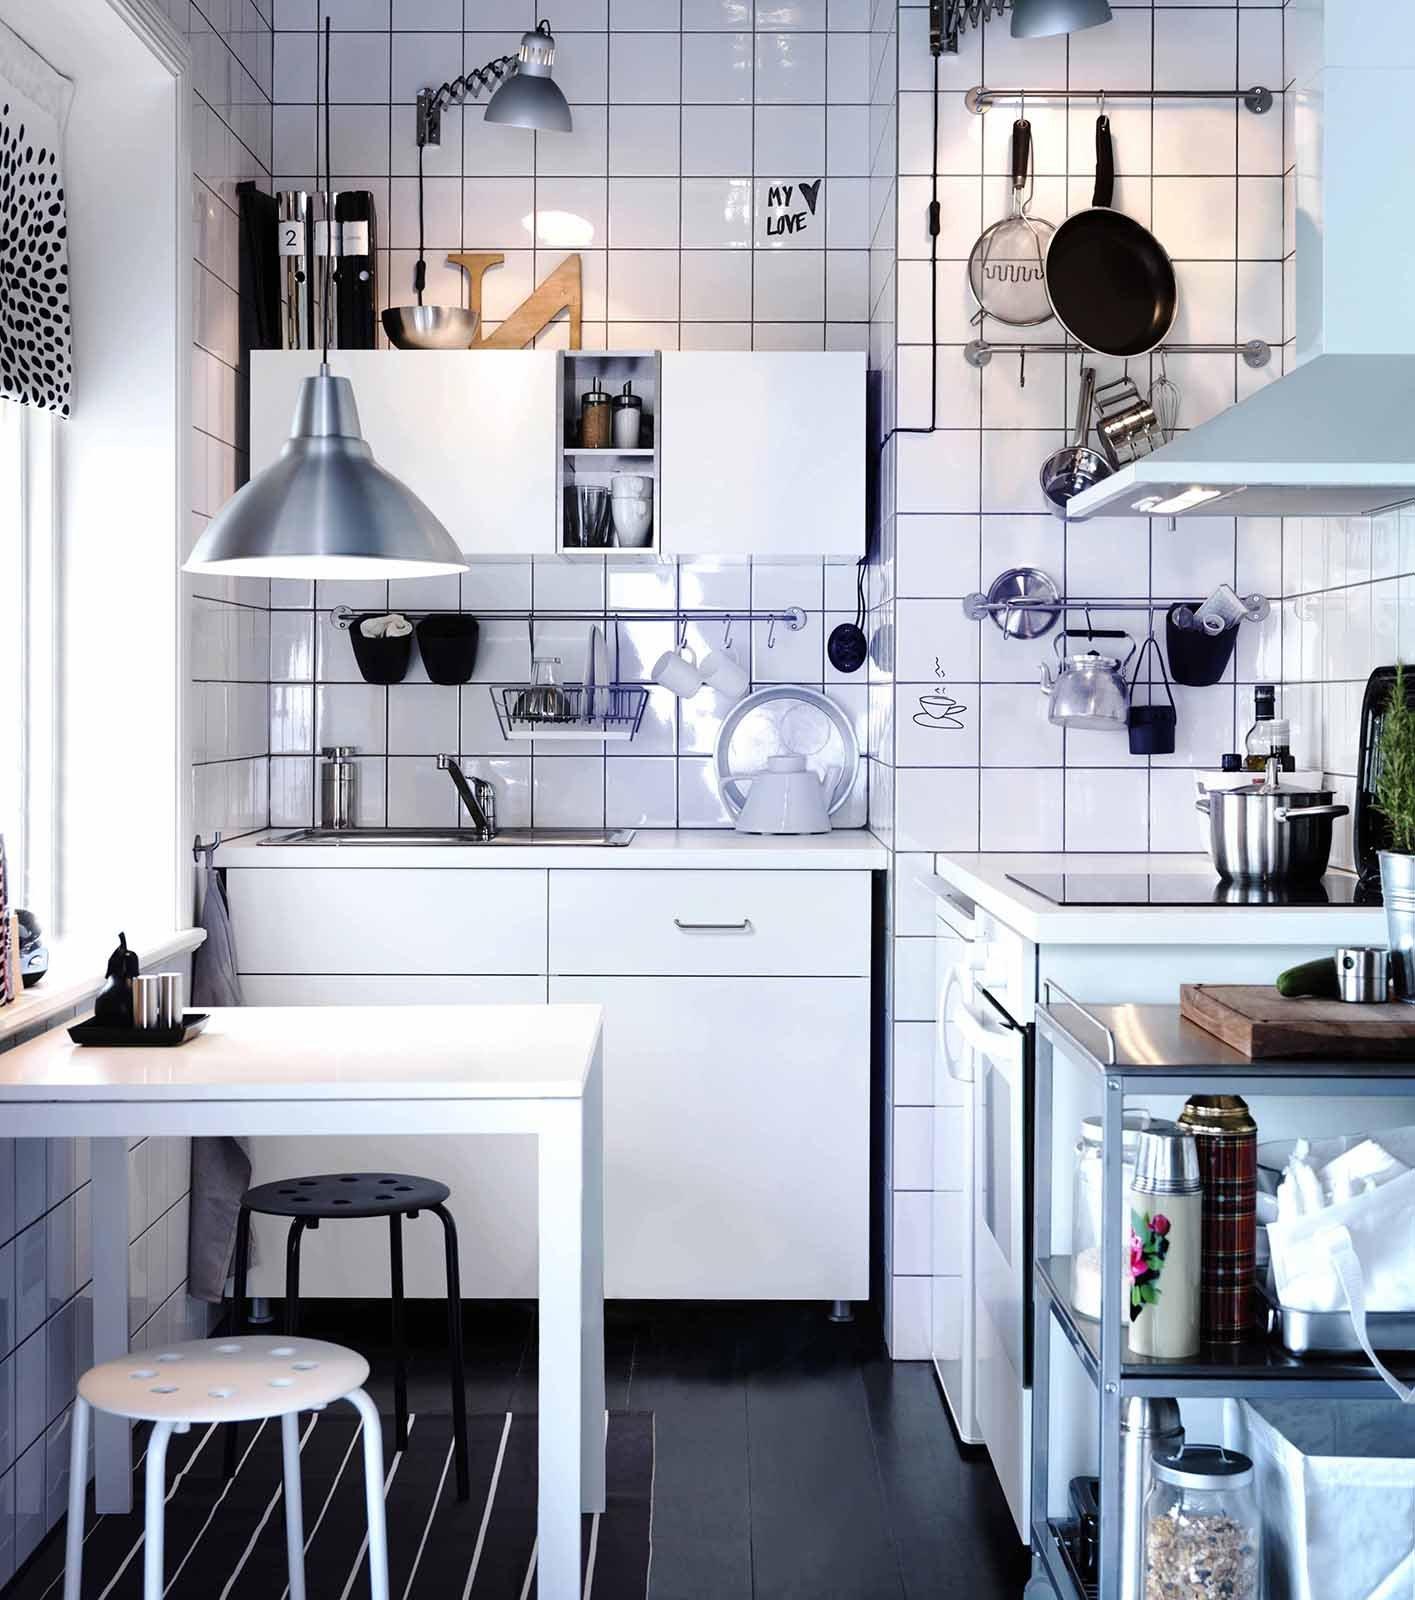 Illuminazione cucina la luce nel punto giusto - Illuminazione sottopensile cucina ...